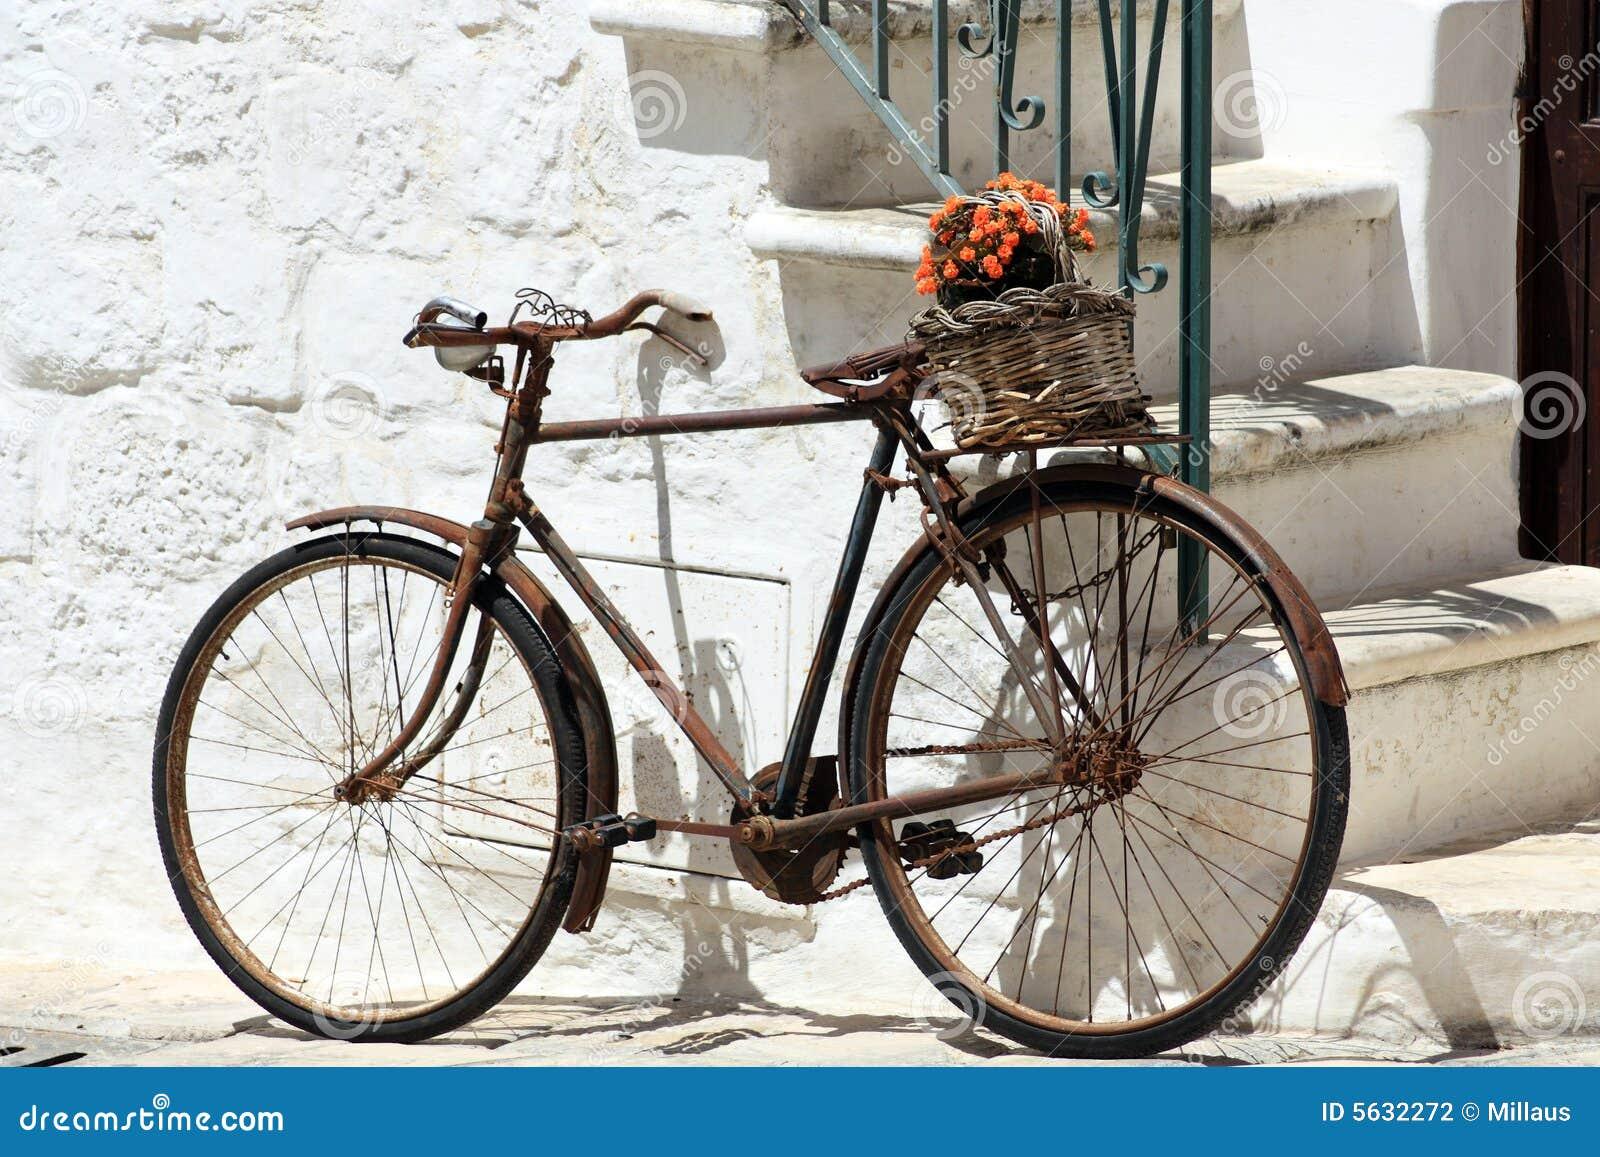 altes fahrrad stockfoto bild von wand hintergrund korrosion 5632272. Black Bedroom Furniture Sets. Home Design Ideas